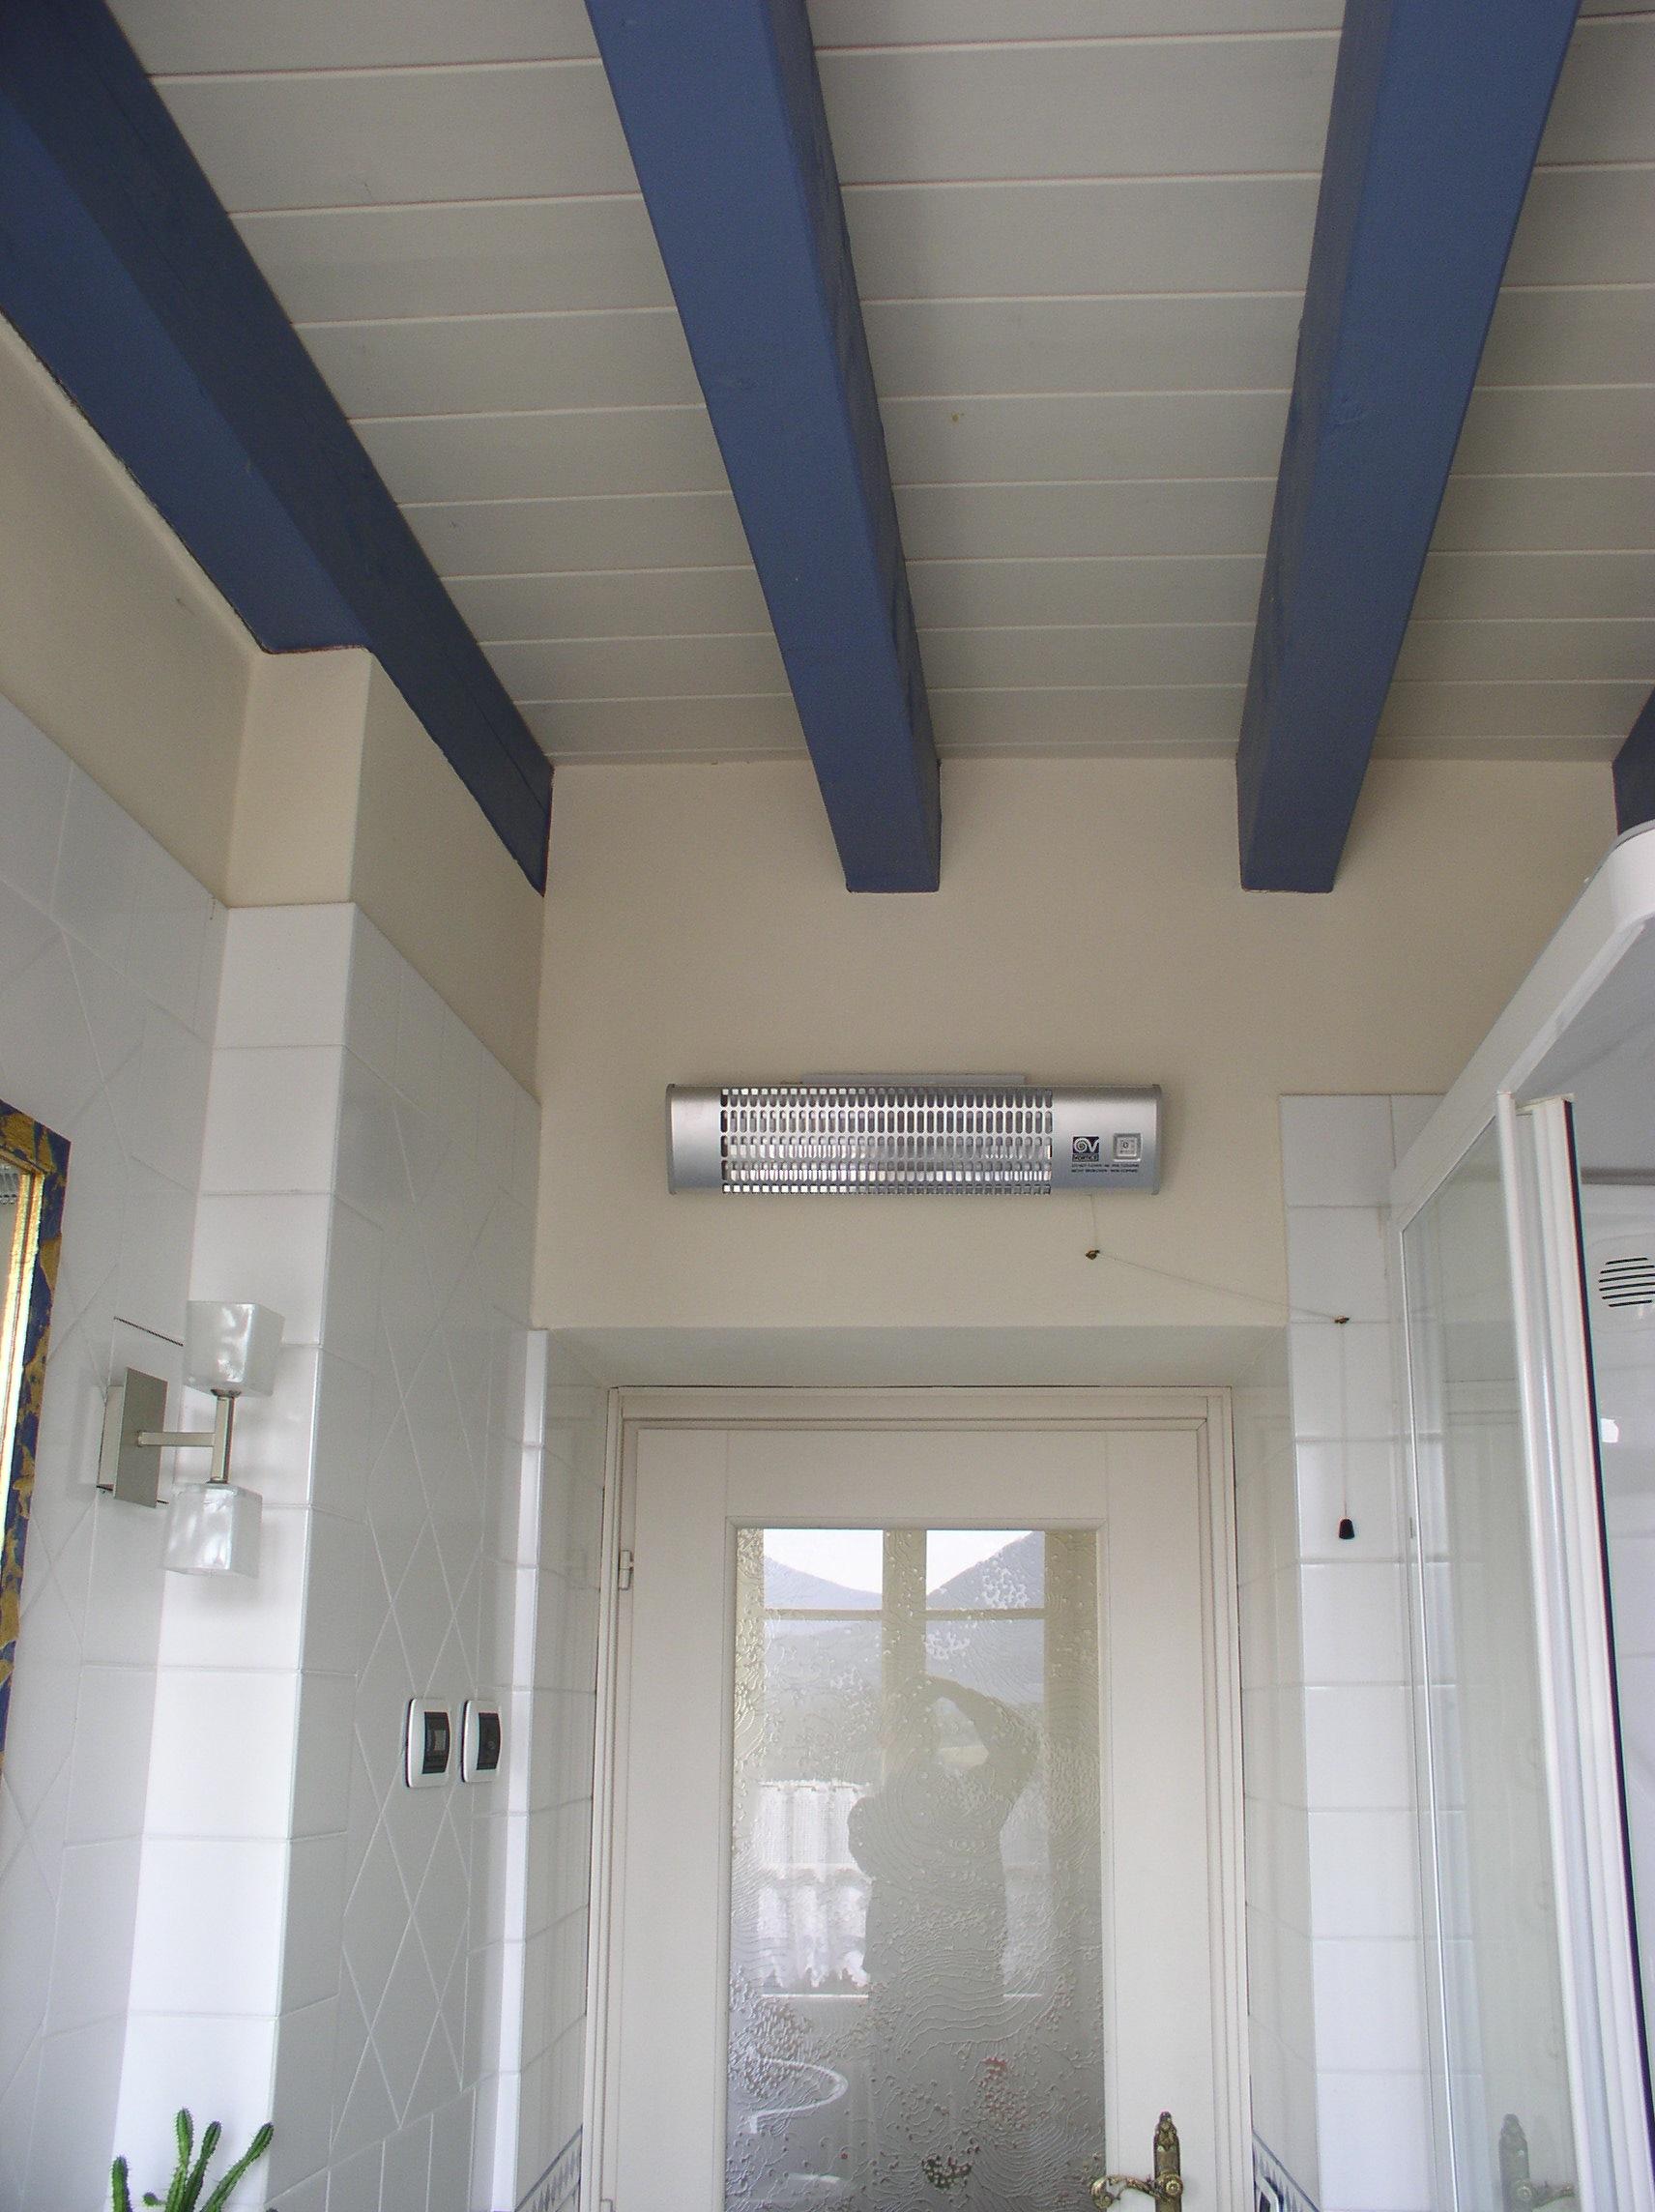 Perline soffitto bagno perline soffitto in legno per for Perline in legno per pareti prezzi